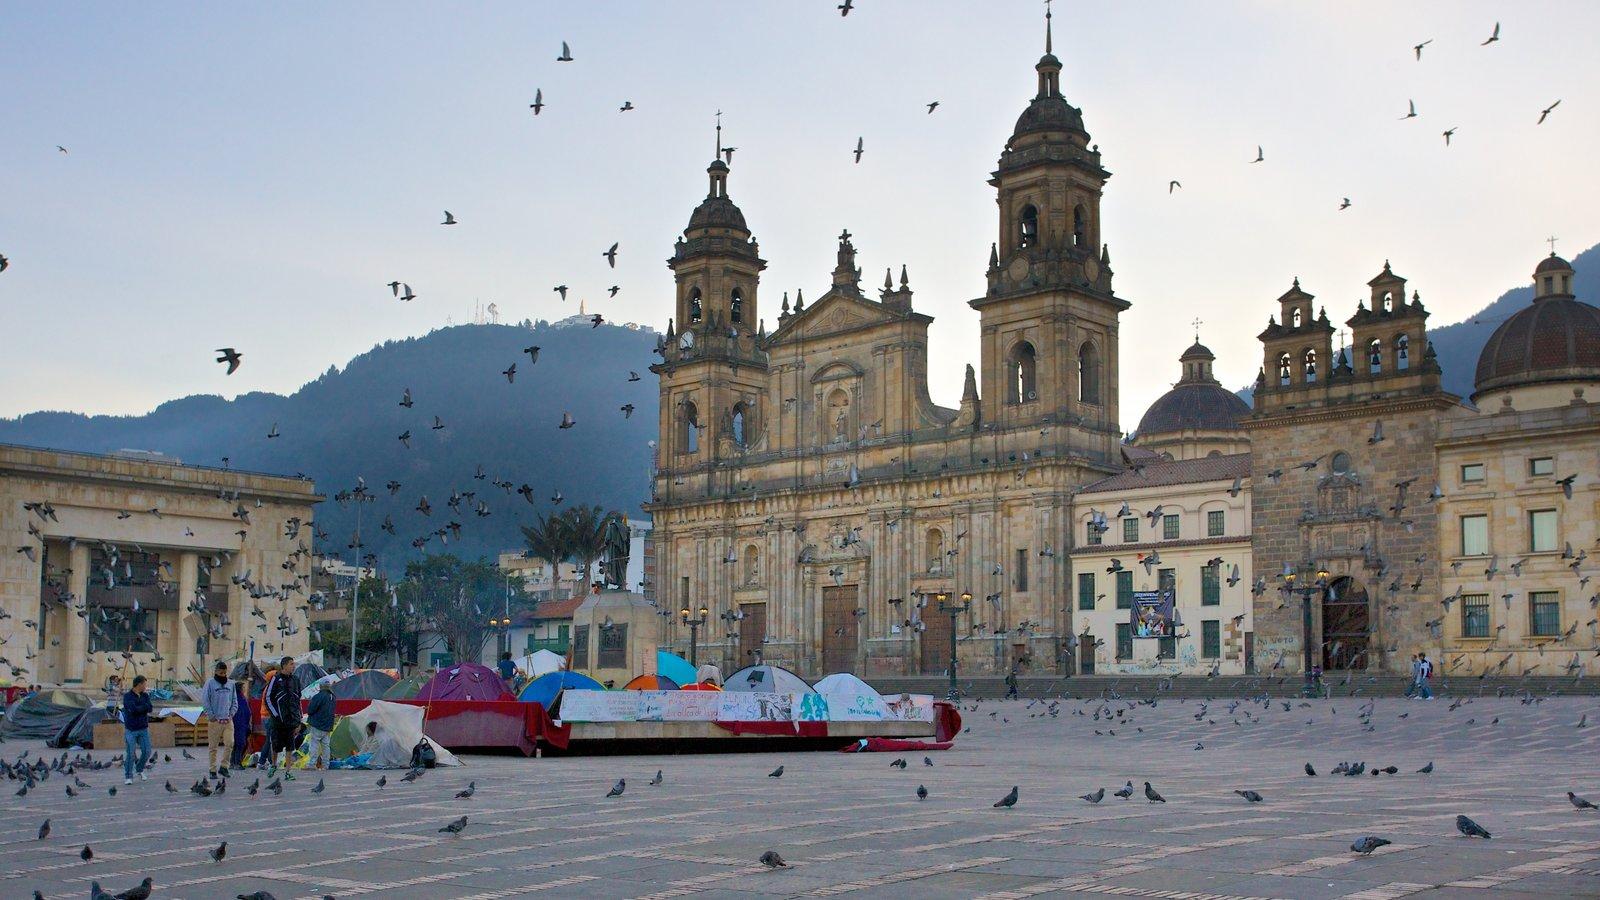 Catedral Primada caracterizando vida das aves, uma cidade e uma praça ou plaza